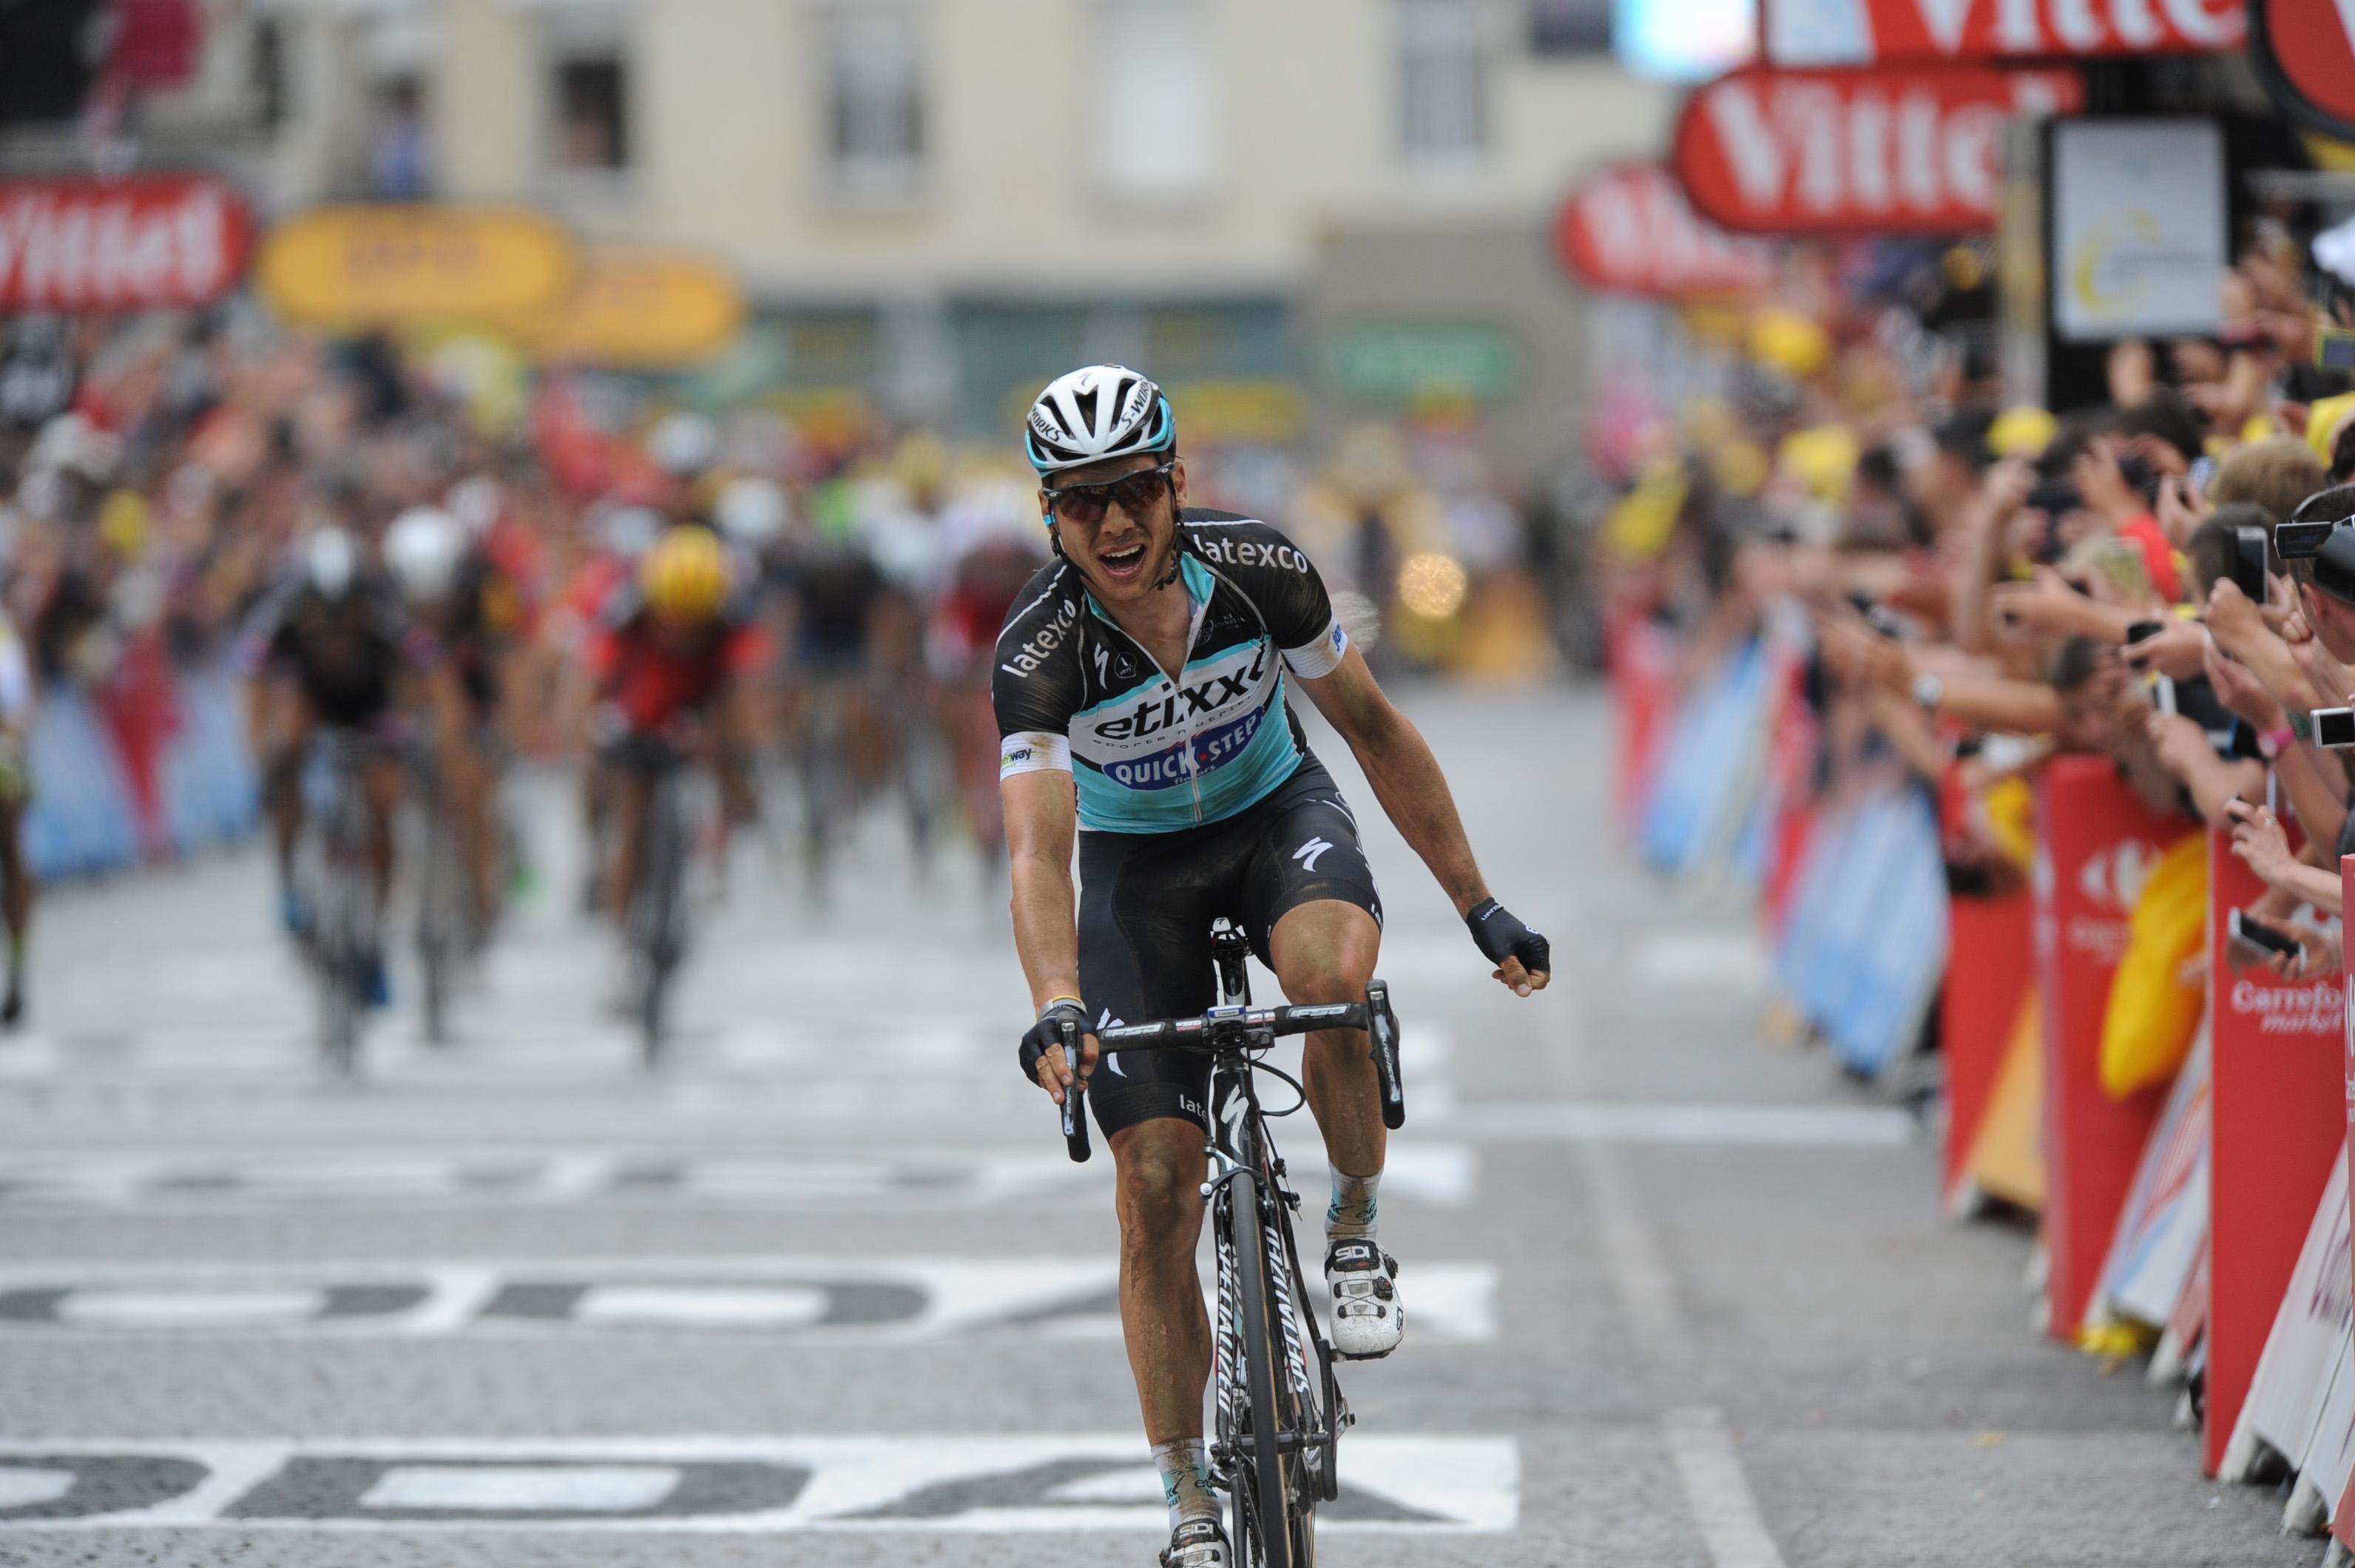 Tony Martin gewinnt die 4. Etappe der Tour de France 2015.